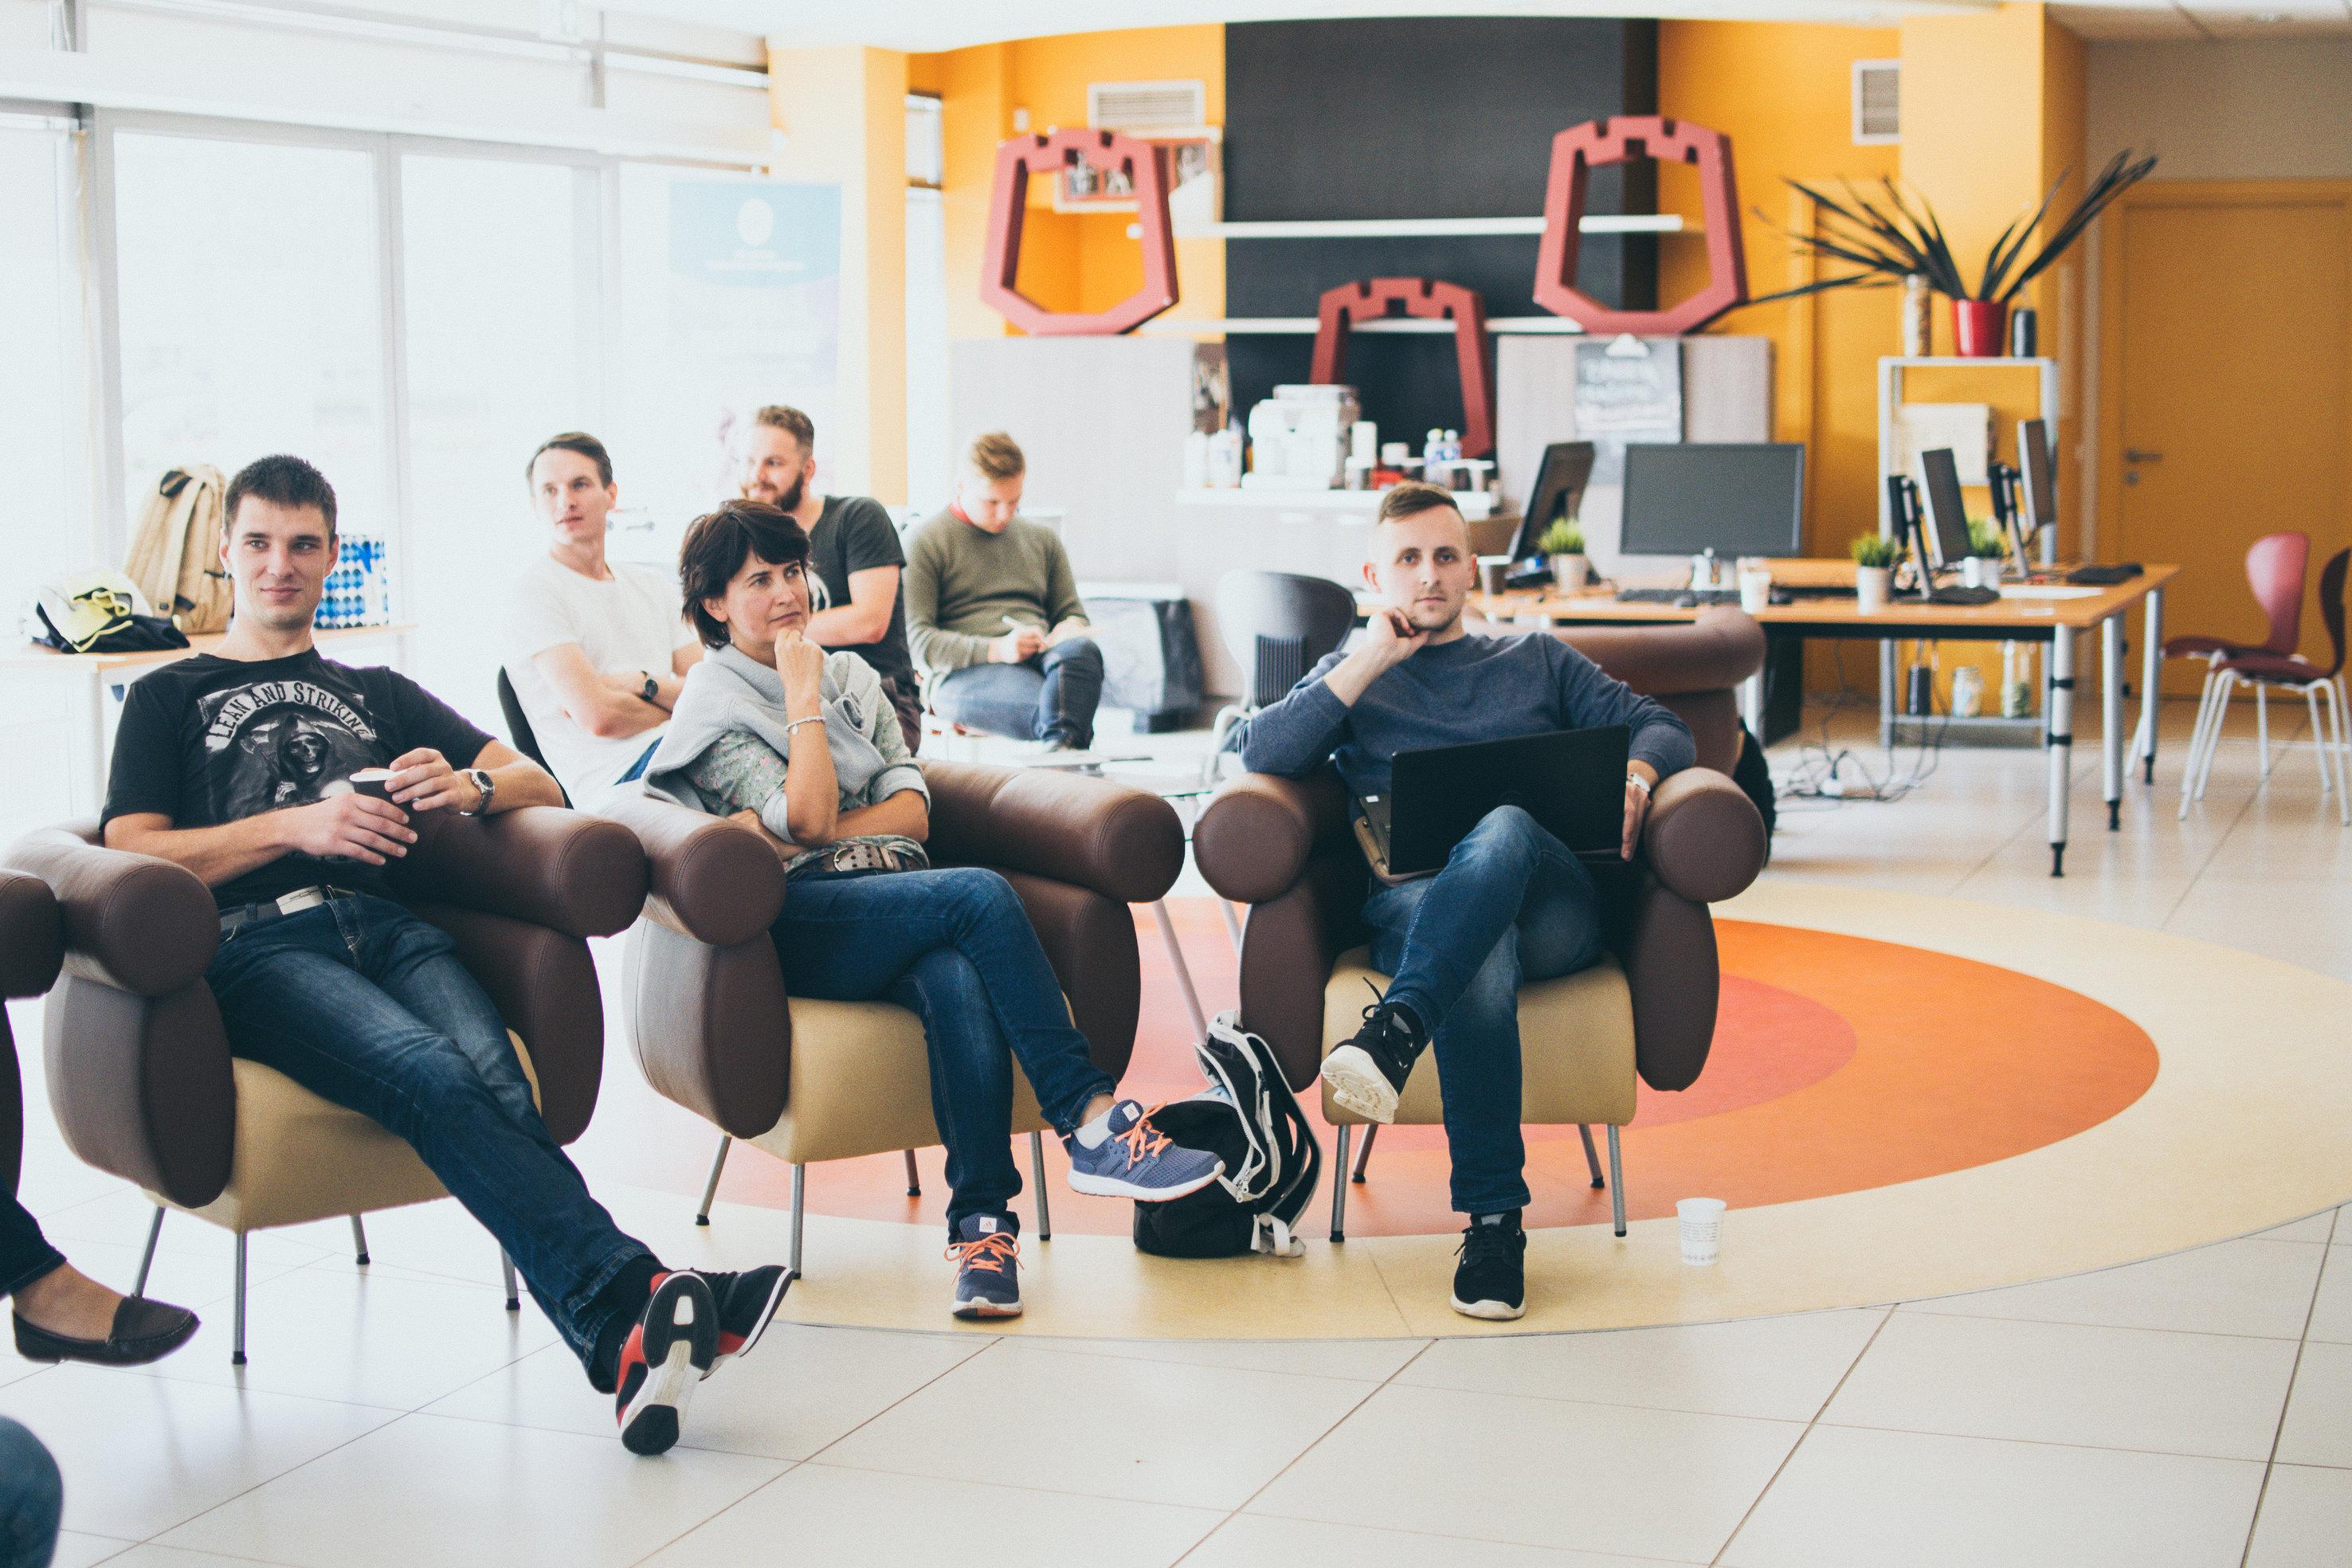 Verčiant Lietuvą programuotojų šalimi konkurencijai vietos nebelieka